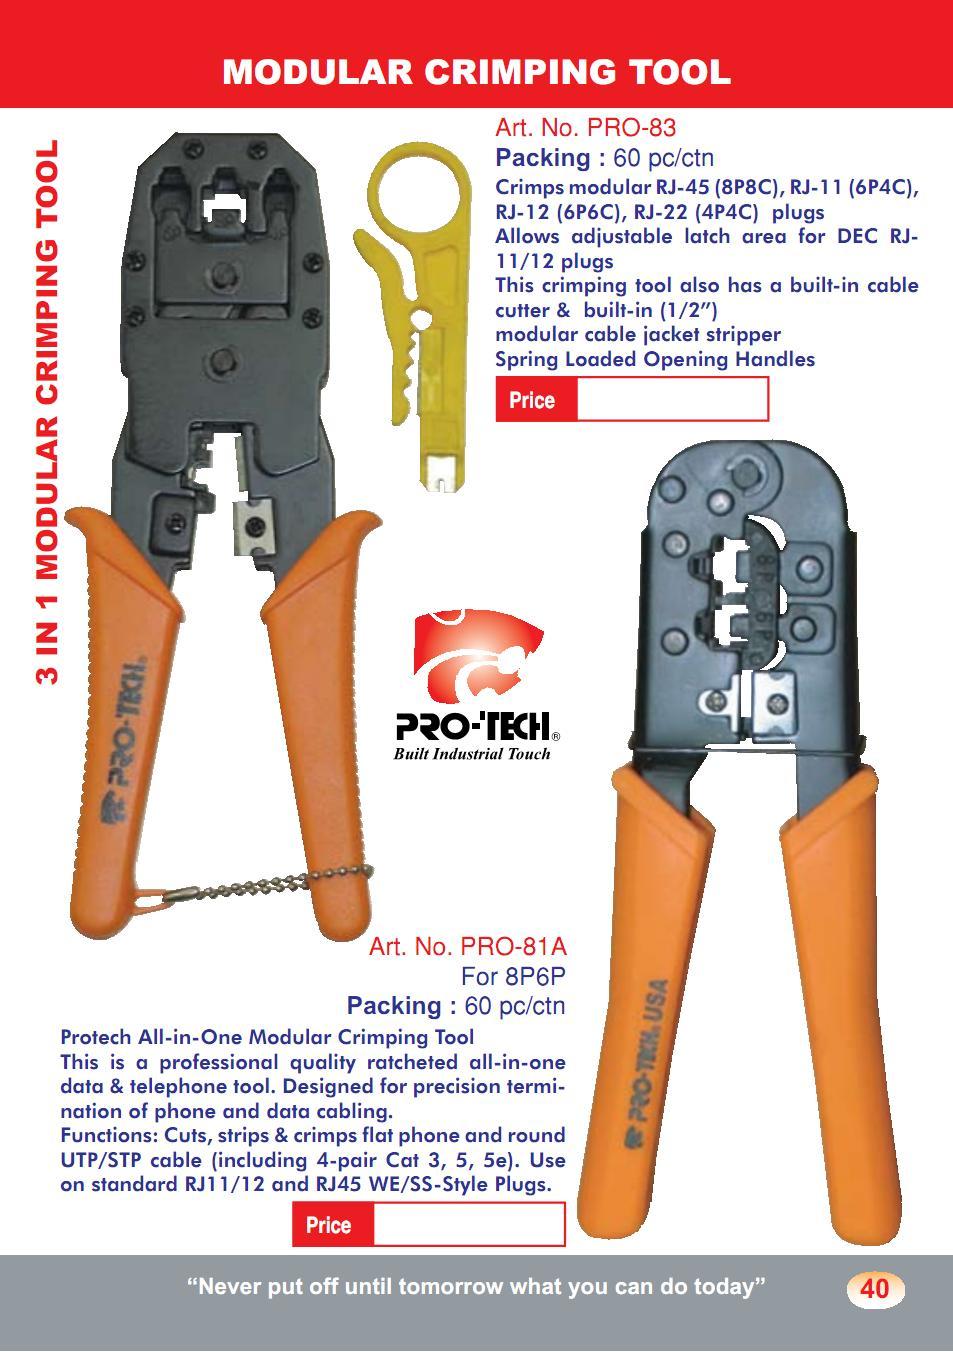 Modular Crimping Tool (MCT01)